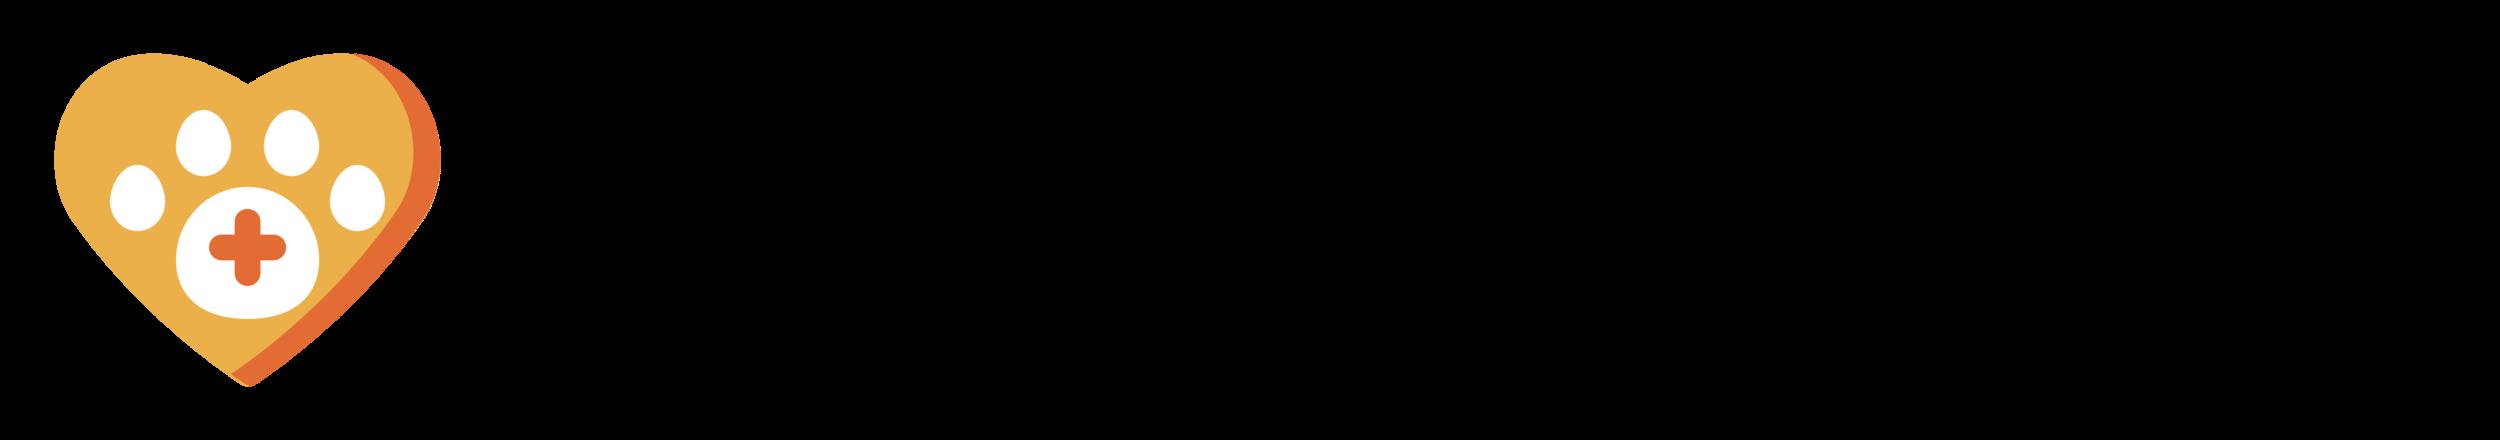 PawlicyAdvisor_Logo.png